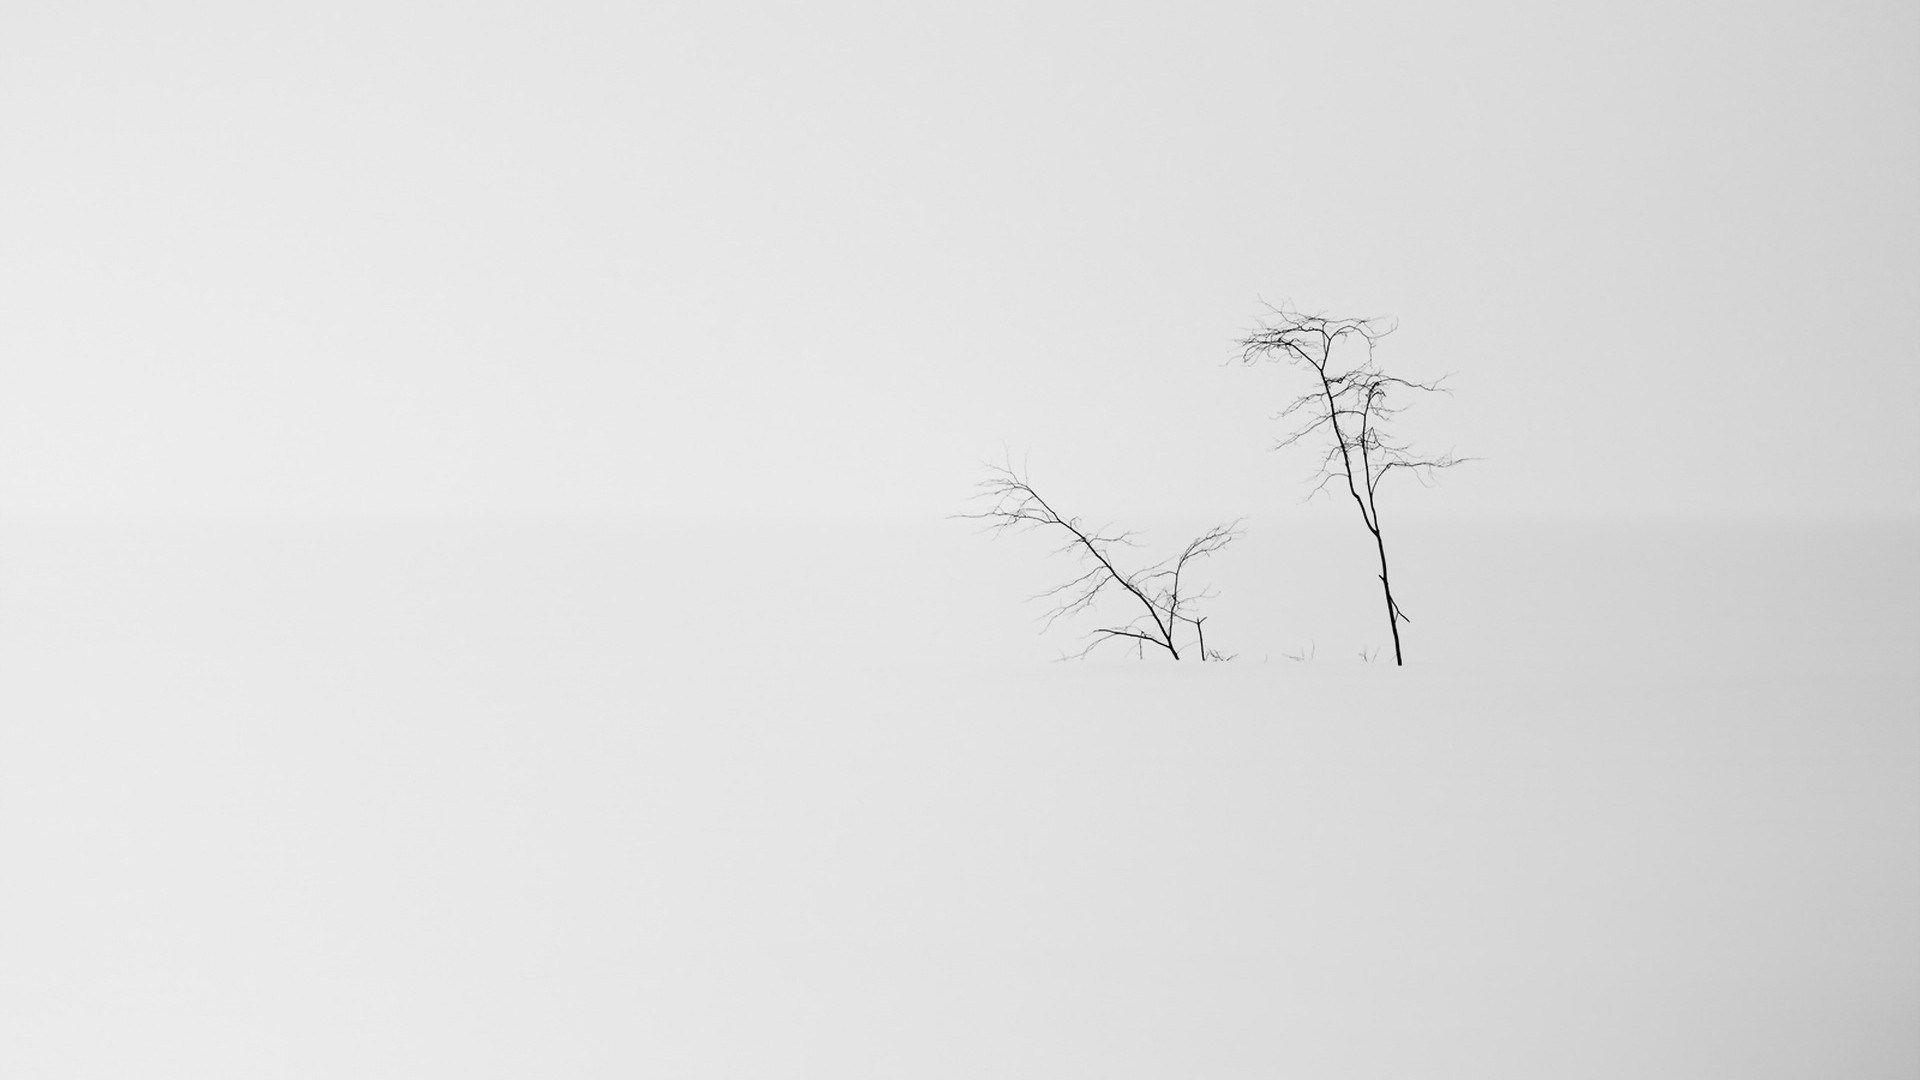 White Minimalism free download wallpaper